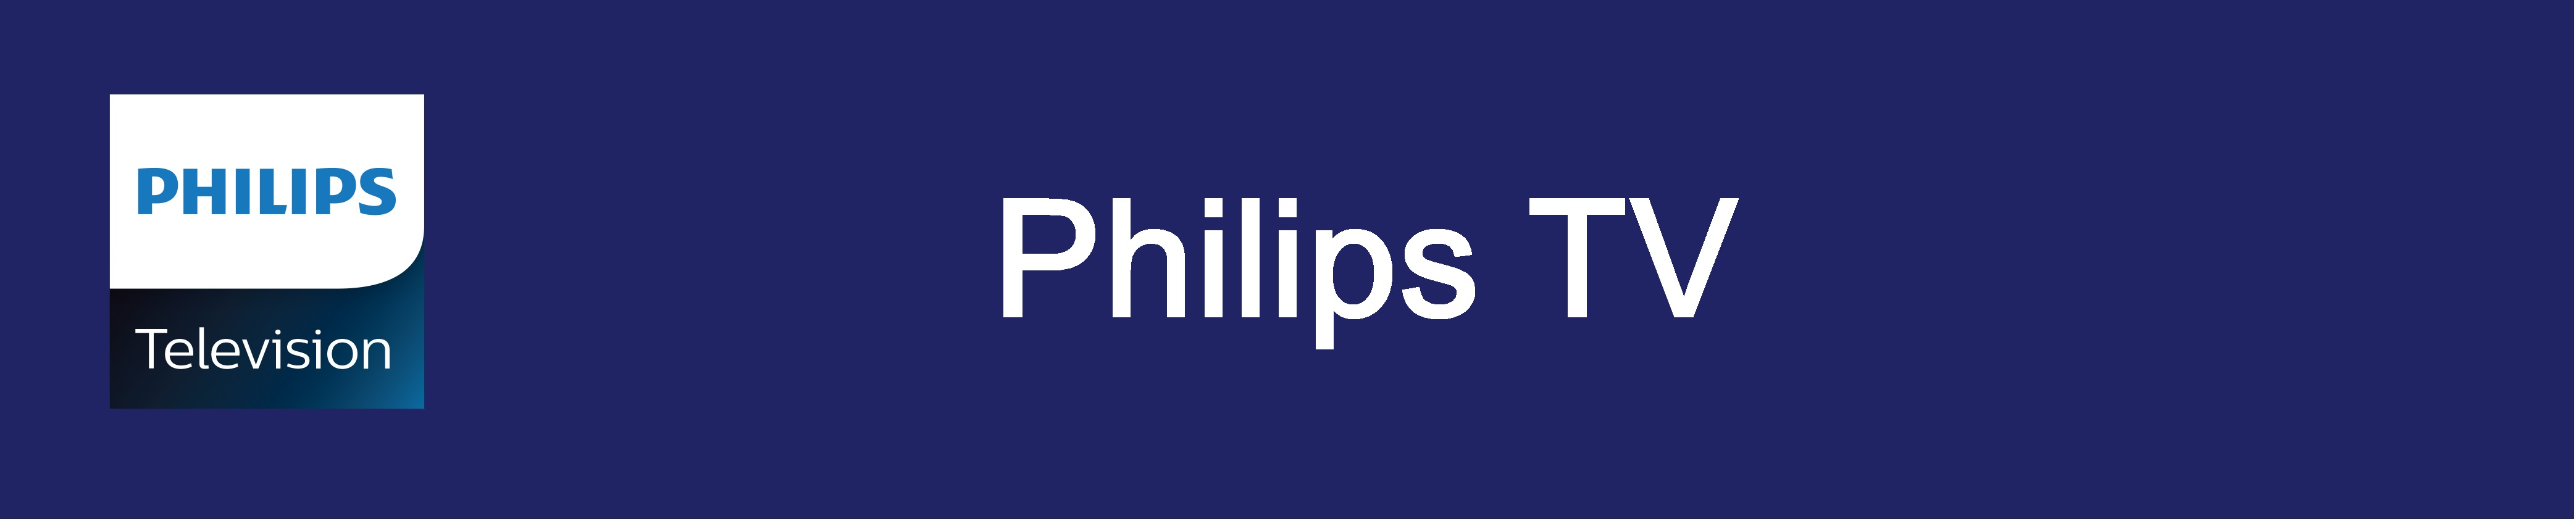 """Televizorius Philips 43PFS4132/12 43"""" (108 cm), Full HD Ultra Slim LED, 1920x1080 pixels, DVB T/C/T2/T2-HD/S/S2, Juodas"""